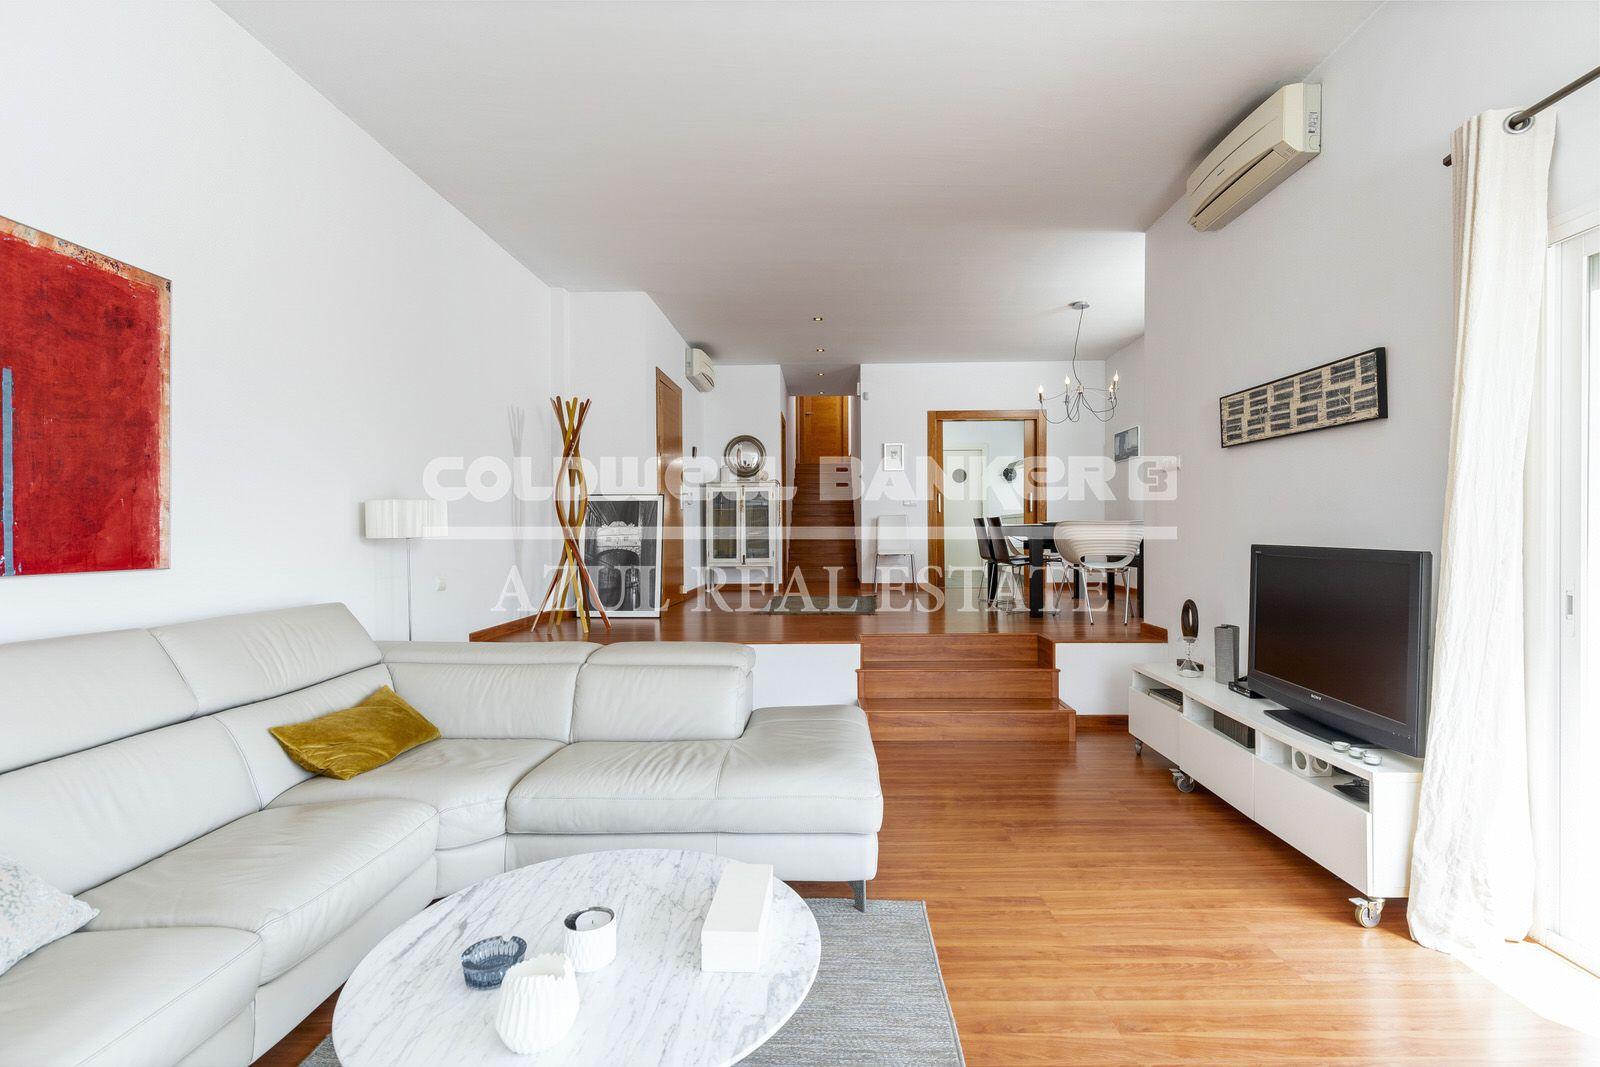 Casa / Chalet en Málaga, RINCON DE LA VICTORIA, venta